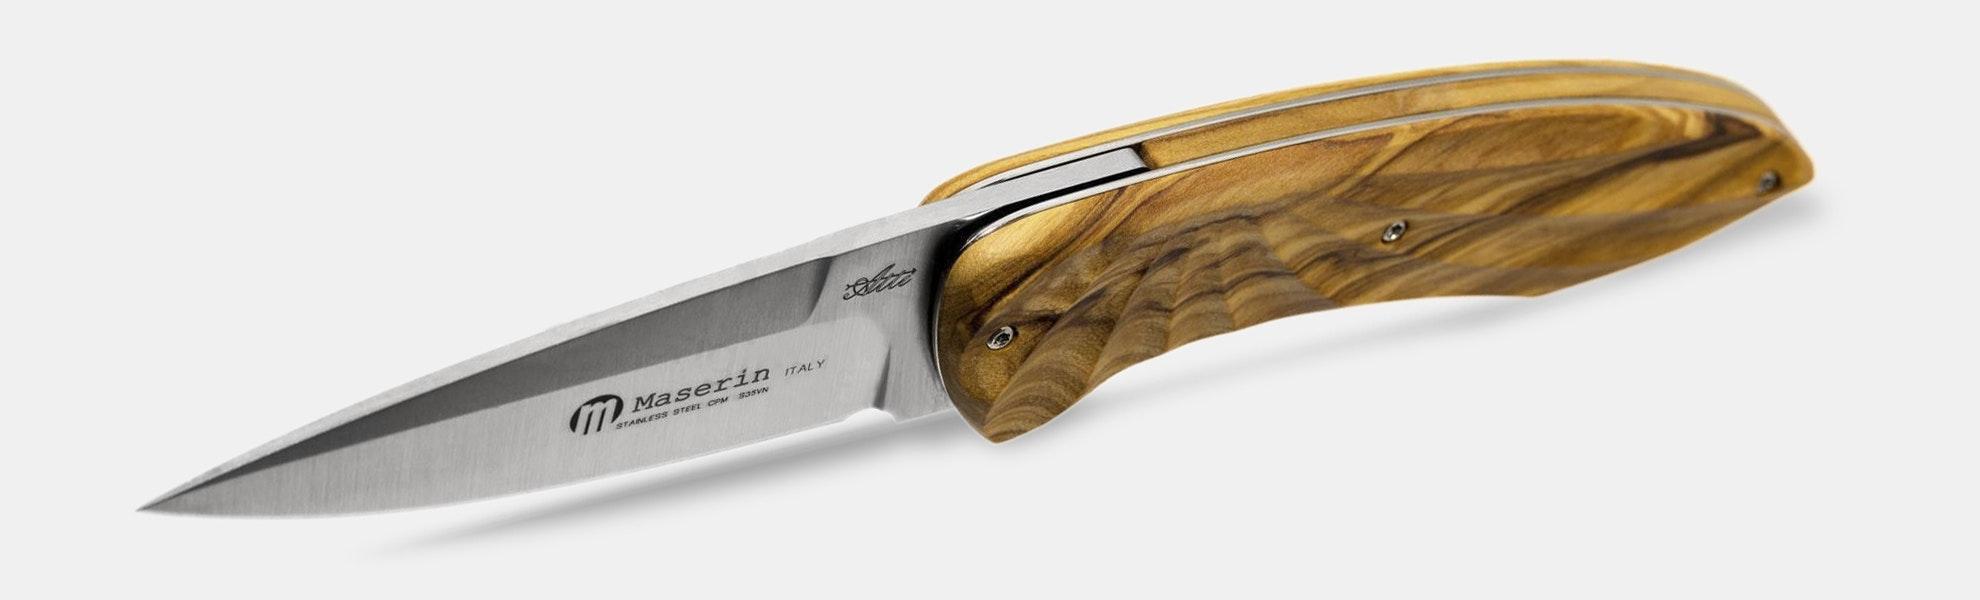 Maserin Fly 383 Folding Knife